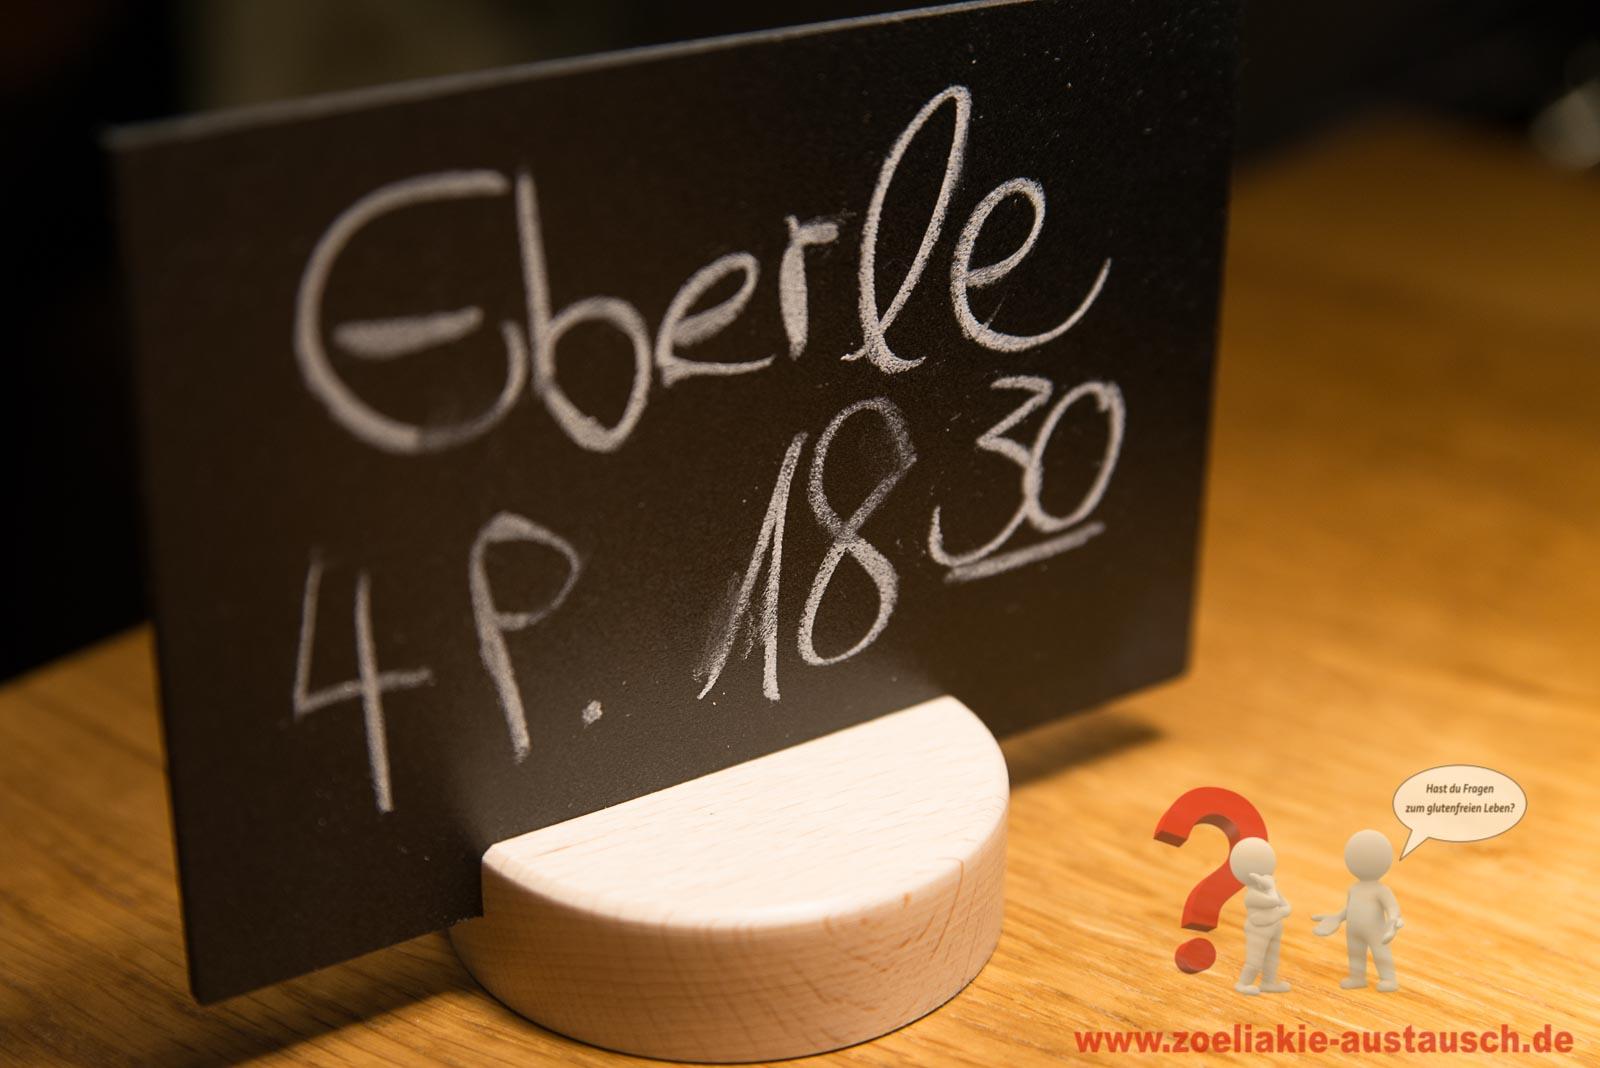 Zoeliakie-Austausch-bgood_001